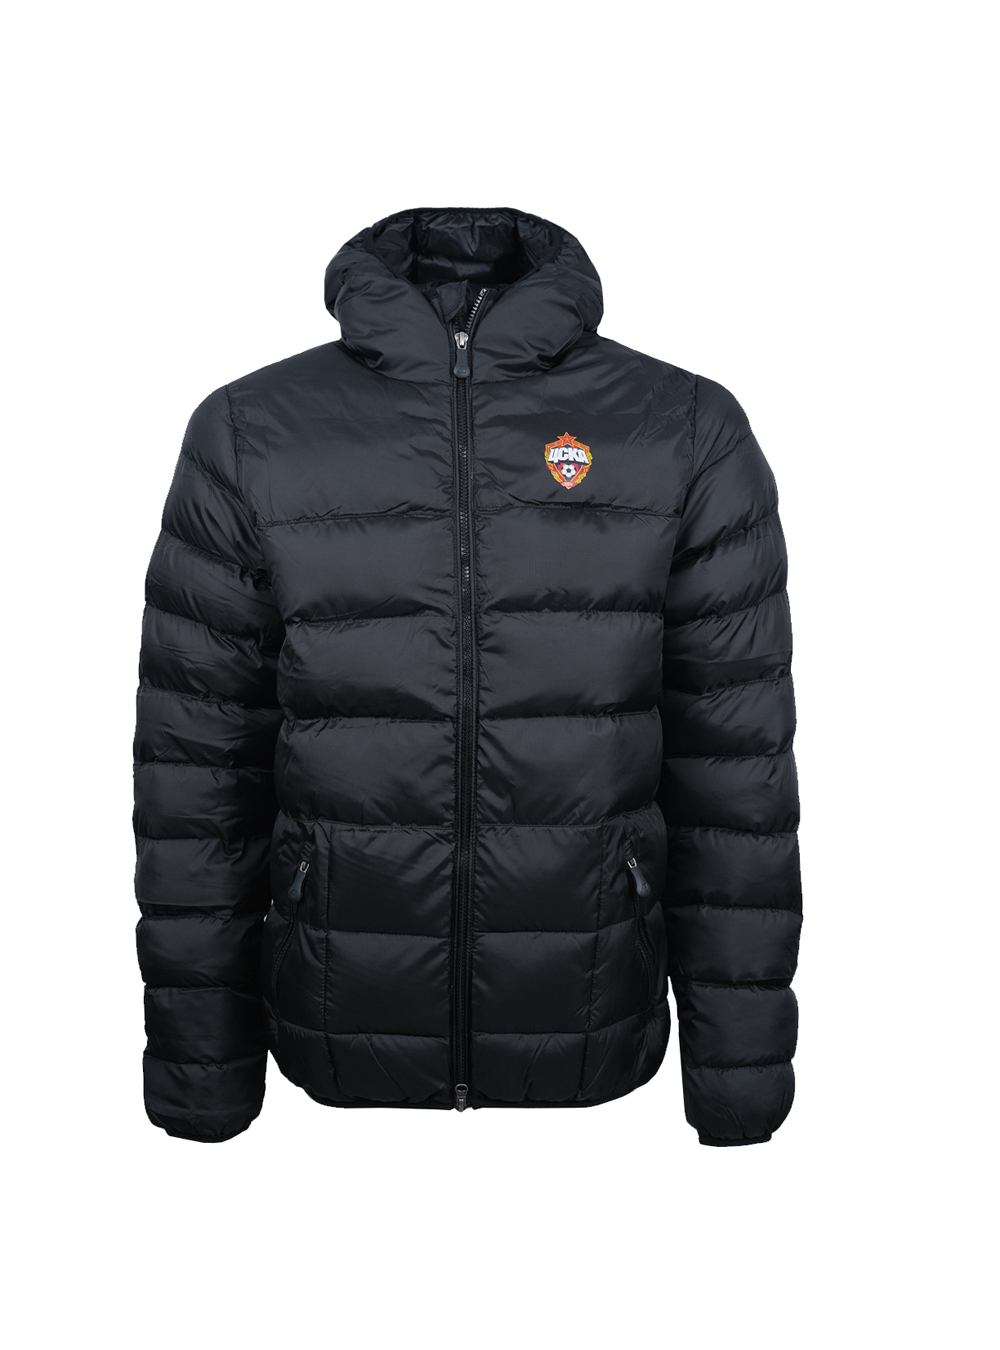 Купить Куртка утеплённая, цвет чёрный (L) по Нижнему Новгороду